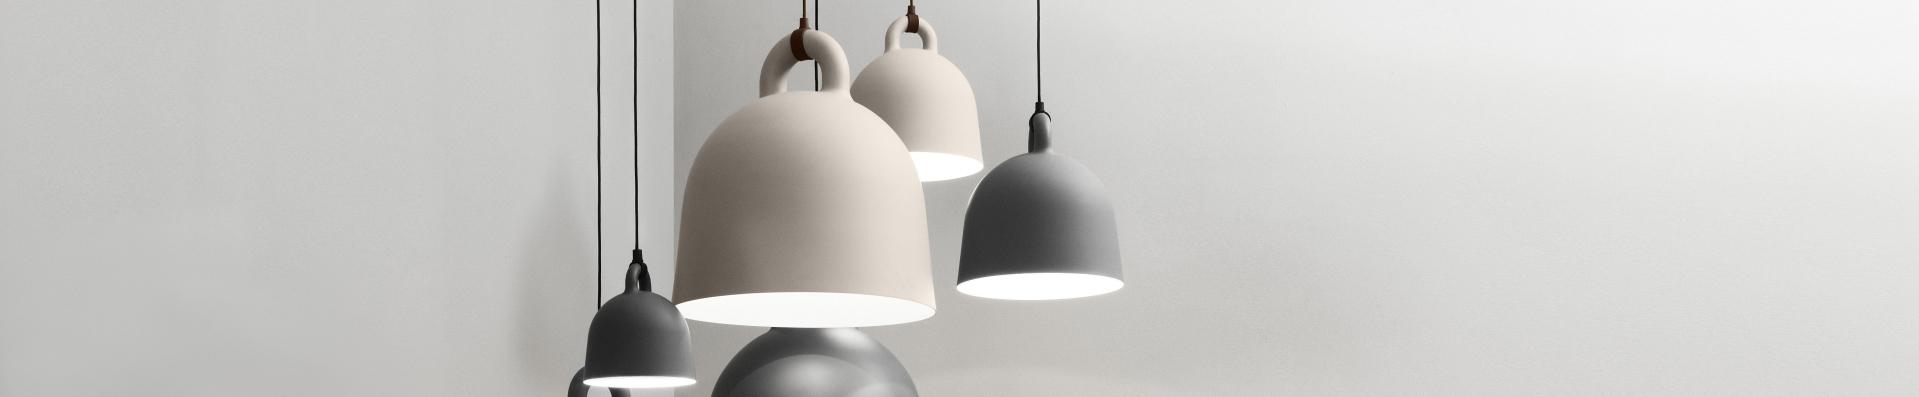 Normann Copenhagen hanglampen